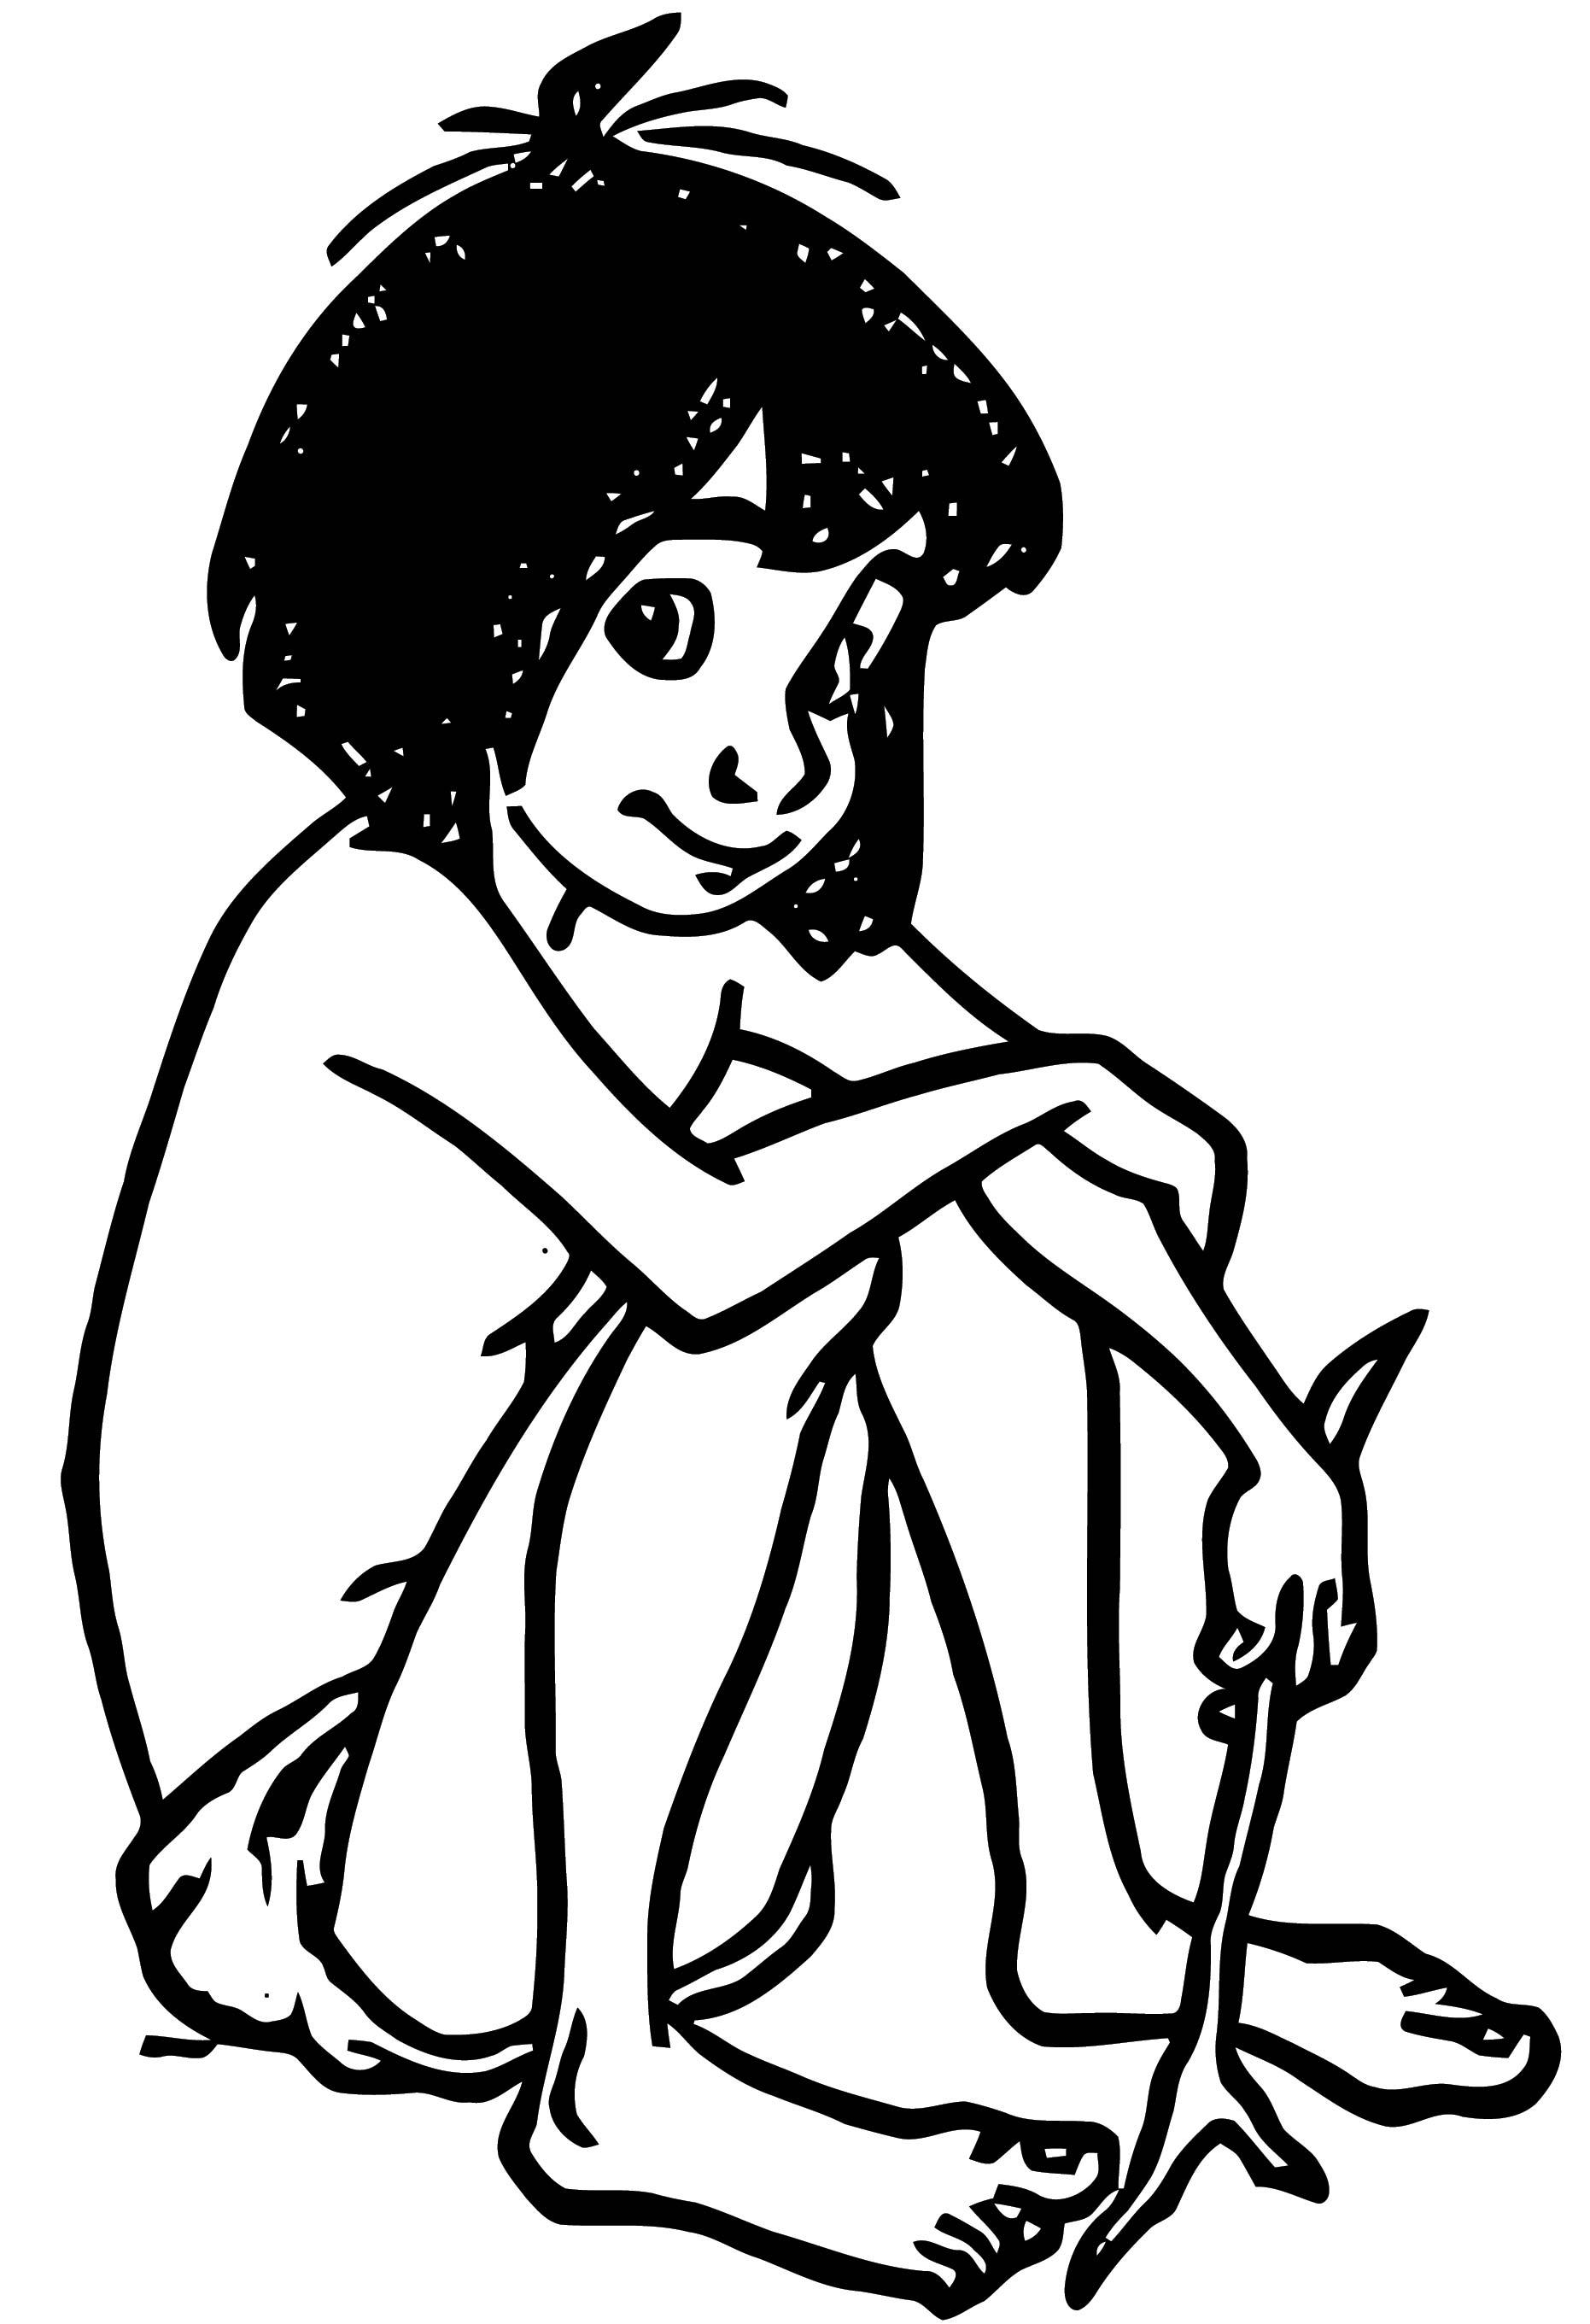 Mowgli The Jungle Book Coloring Page Wecoloringpage Com